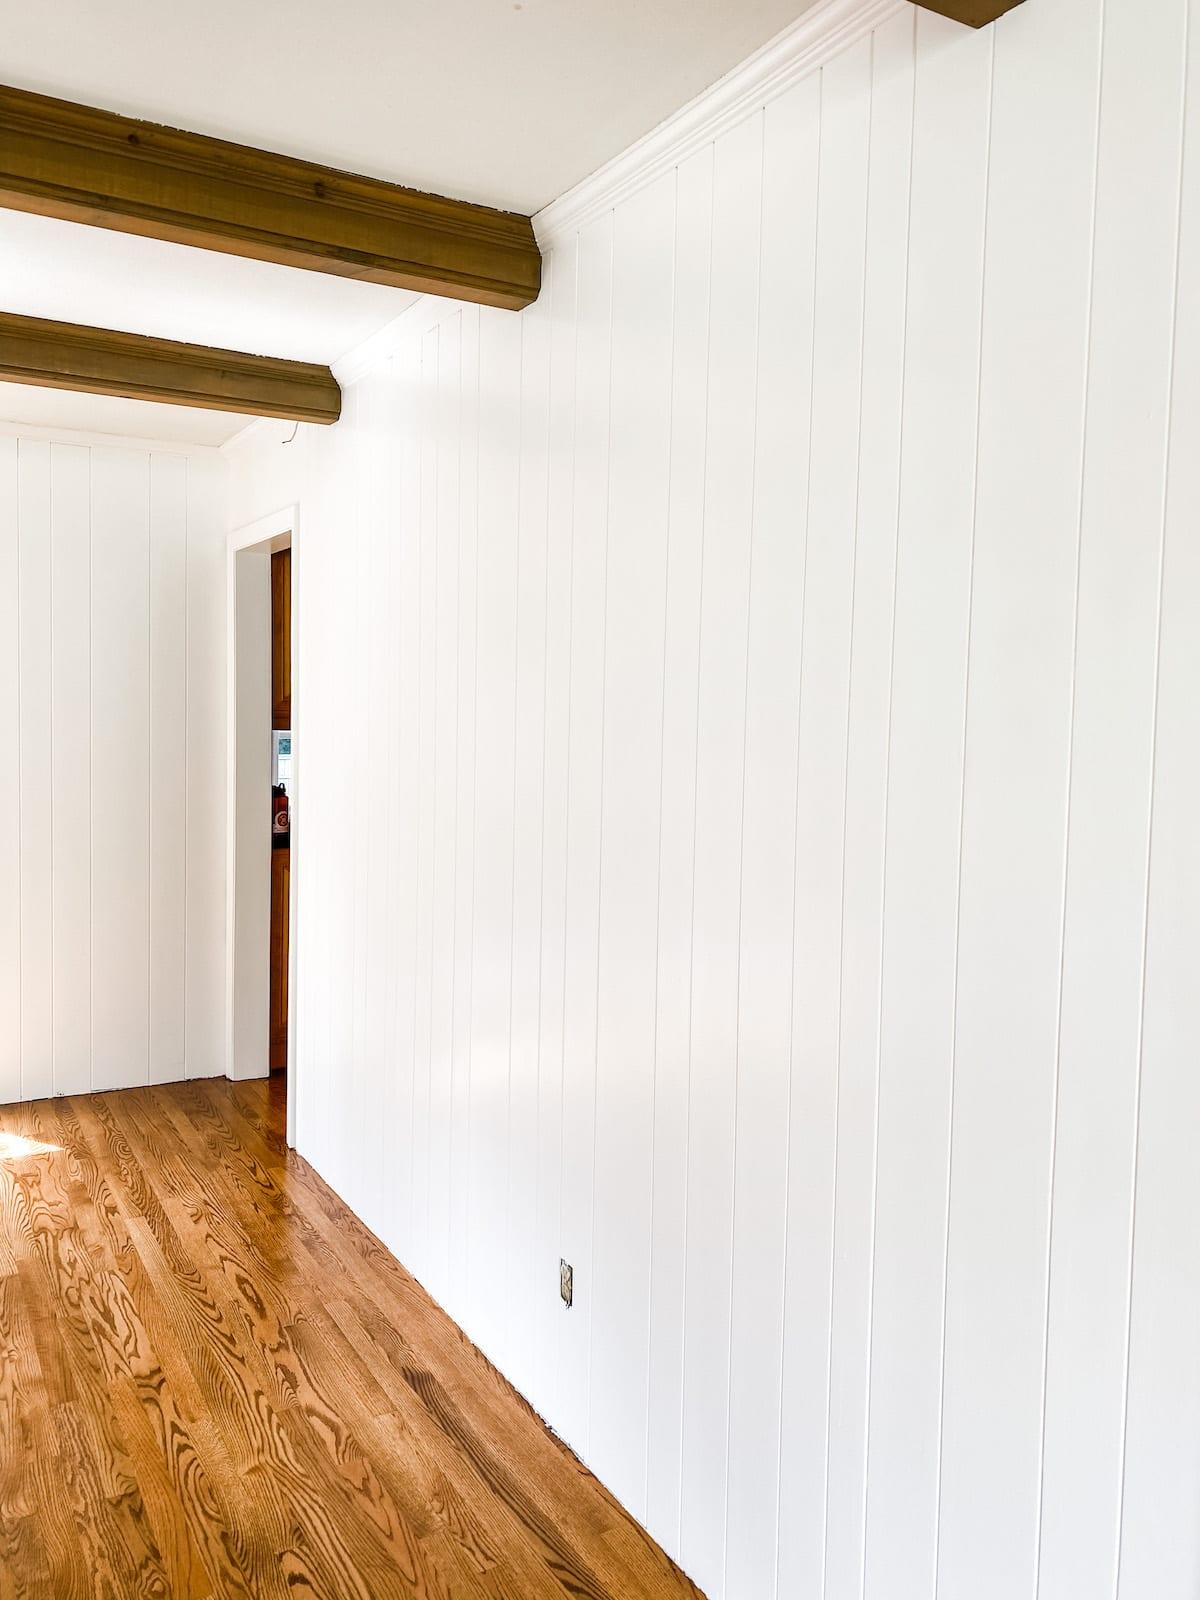 diy painted wood paneling